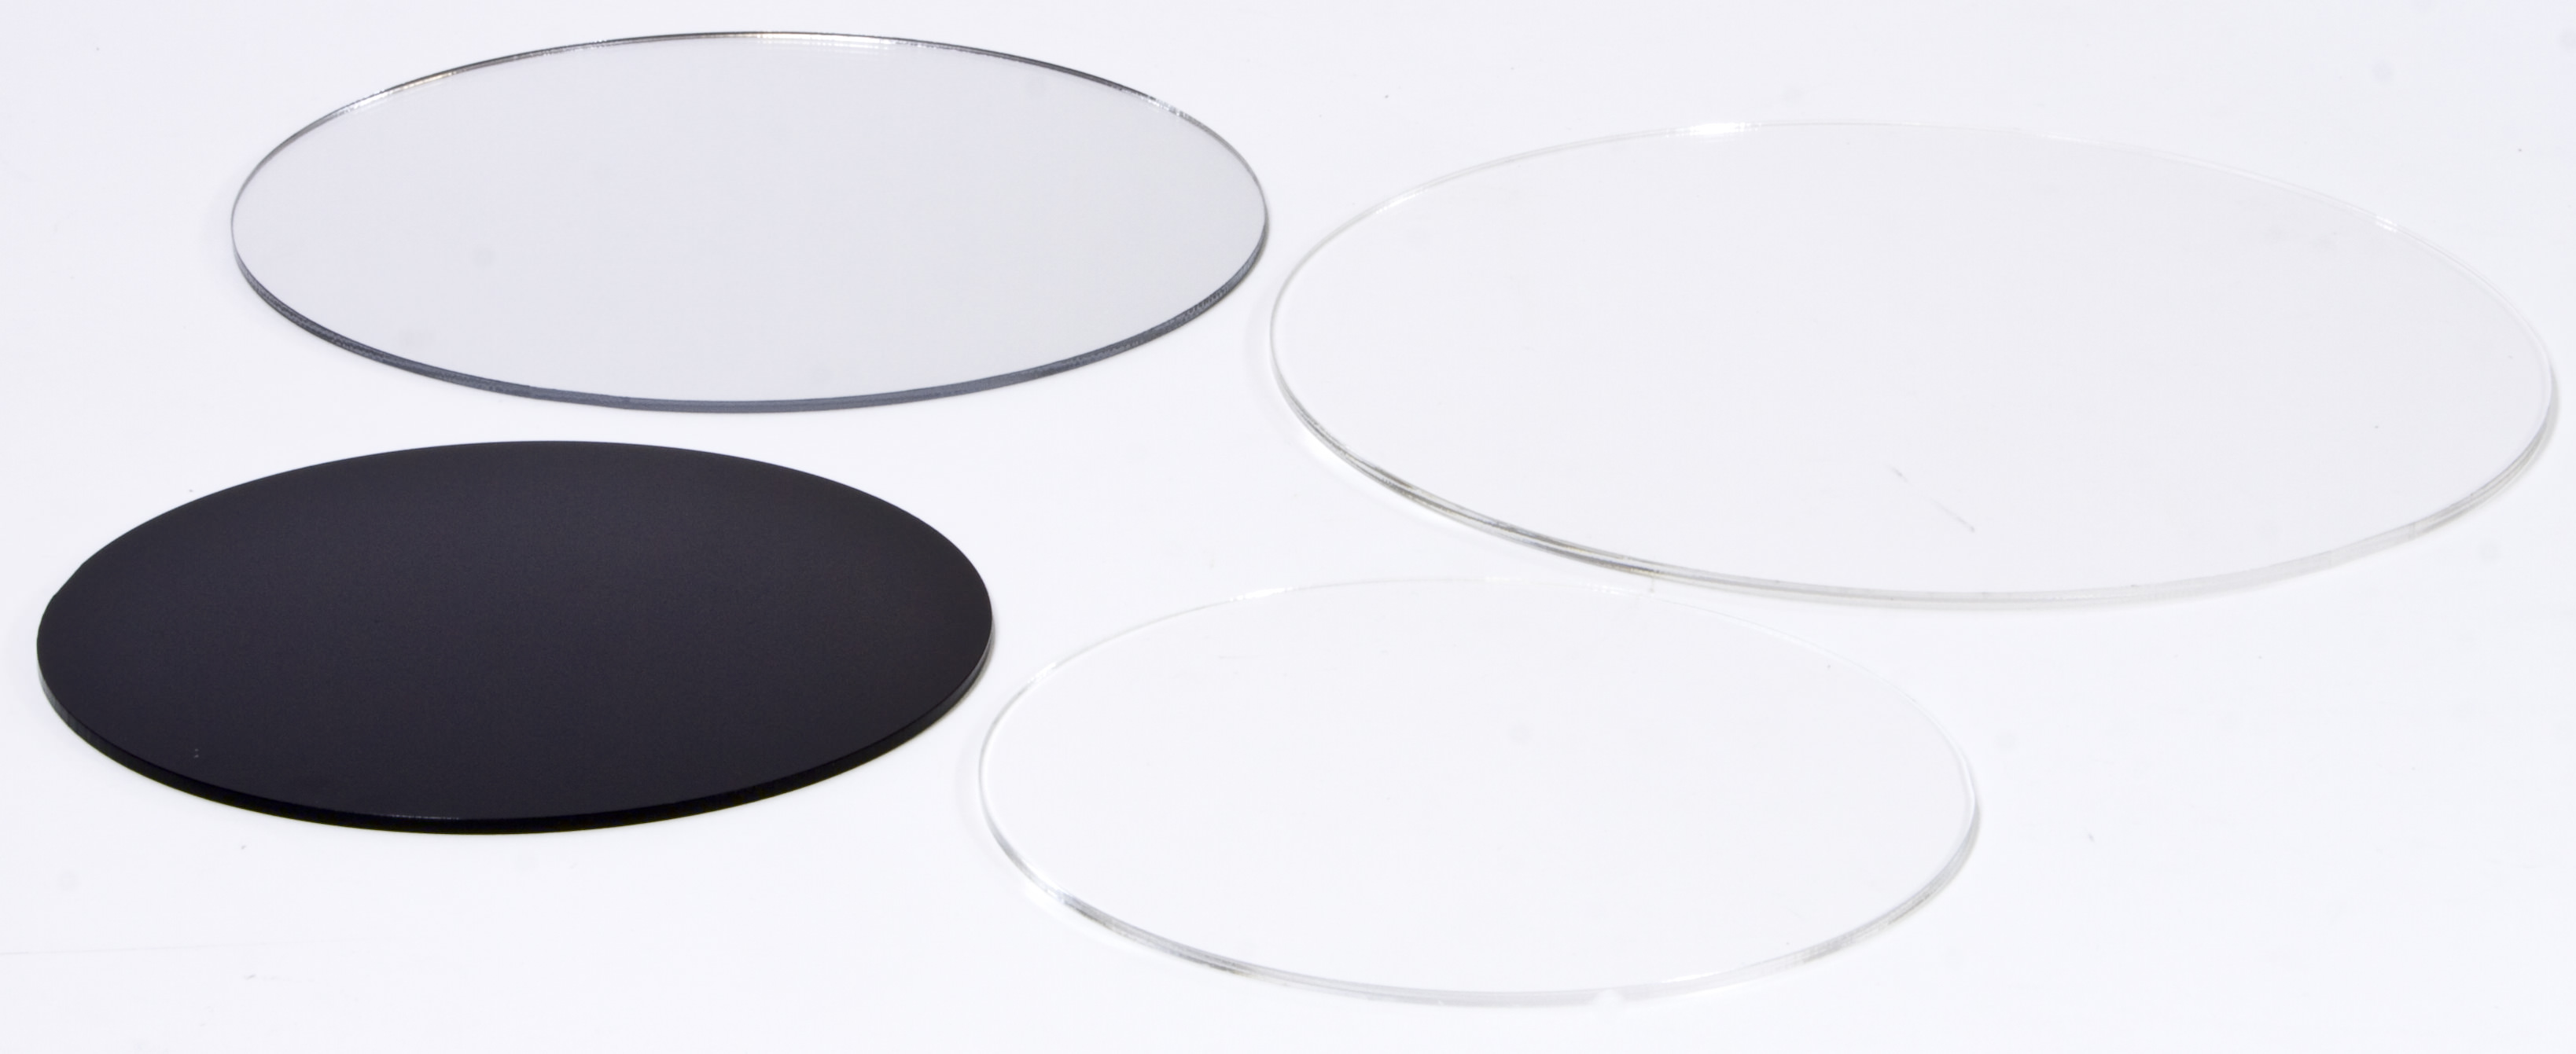 runder acrylzuschnitt kreiszuschnitt aus plexiglas transparent schwarz oder. Black Bedroom Furniture Sets. Home Design Ideas